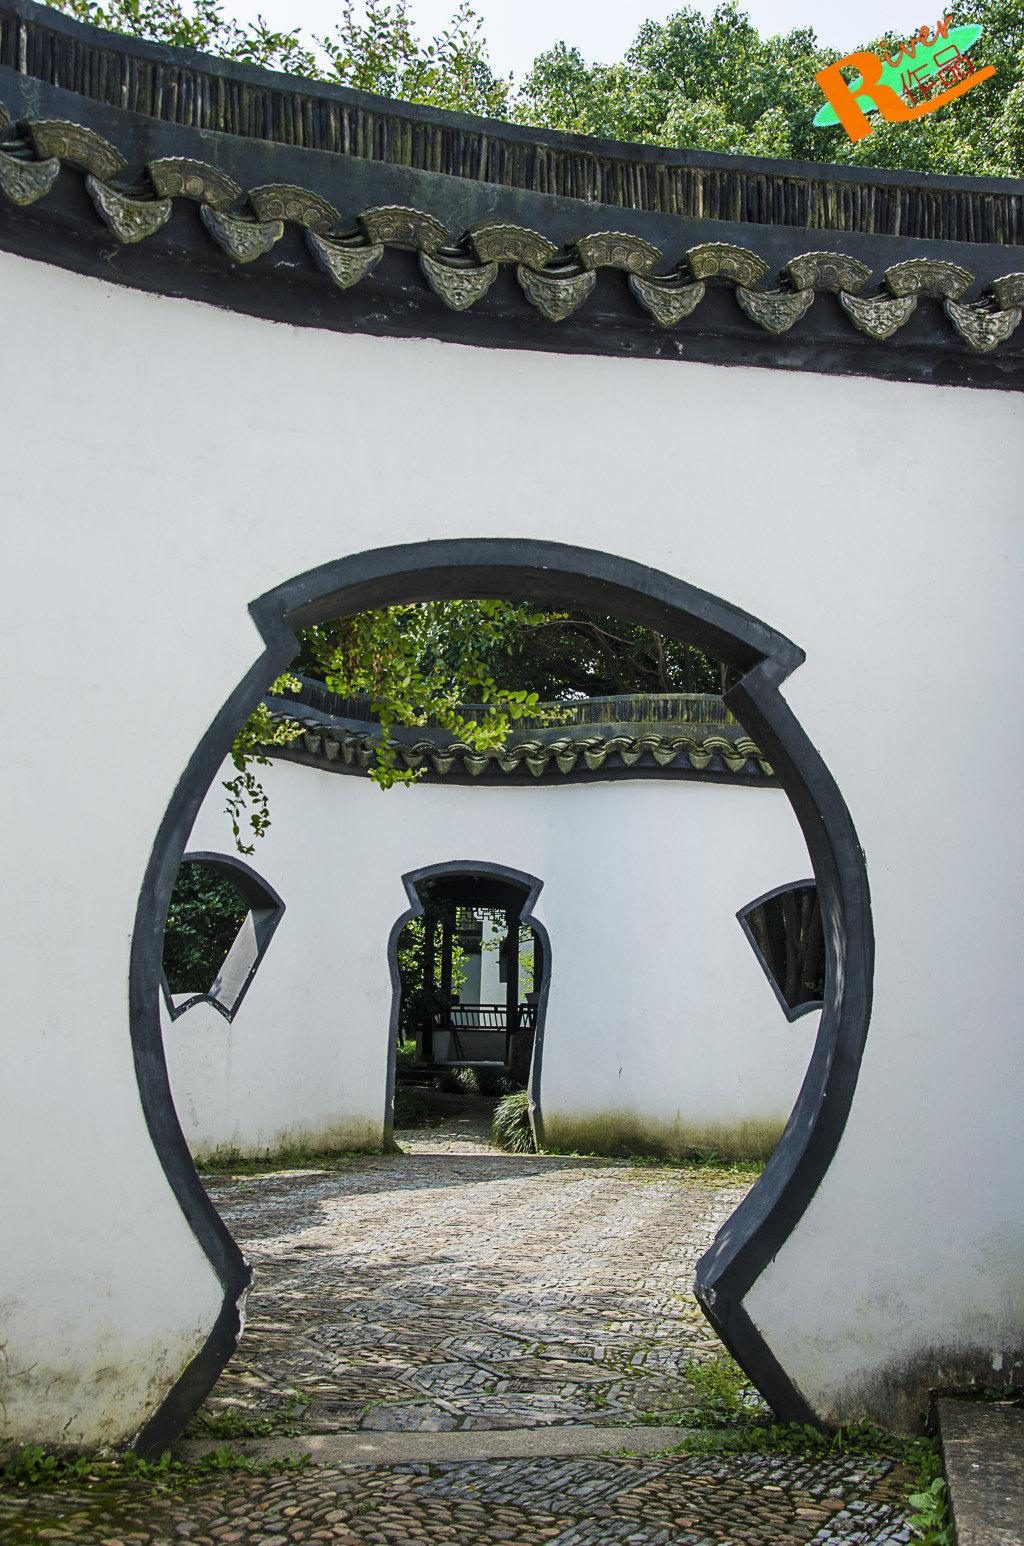 江南园林普遍面积不大,设计小巧精致,园内一段段墙把园林隔开成不同的